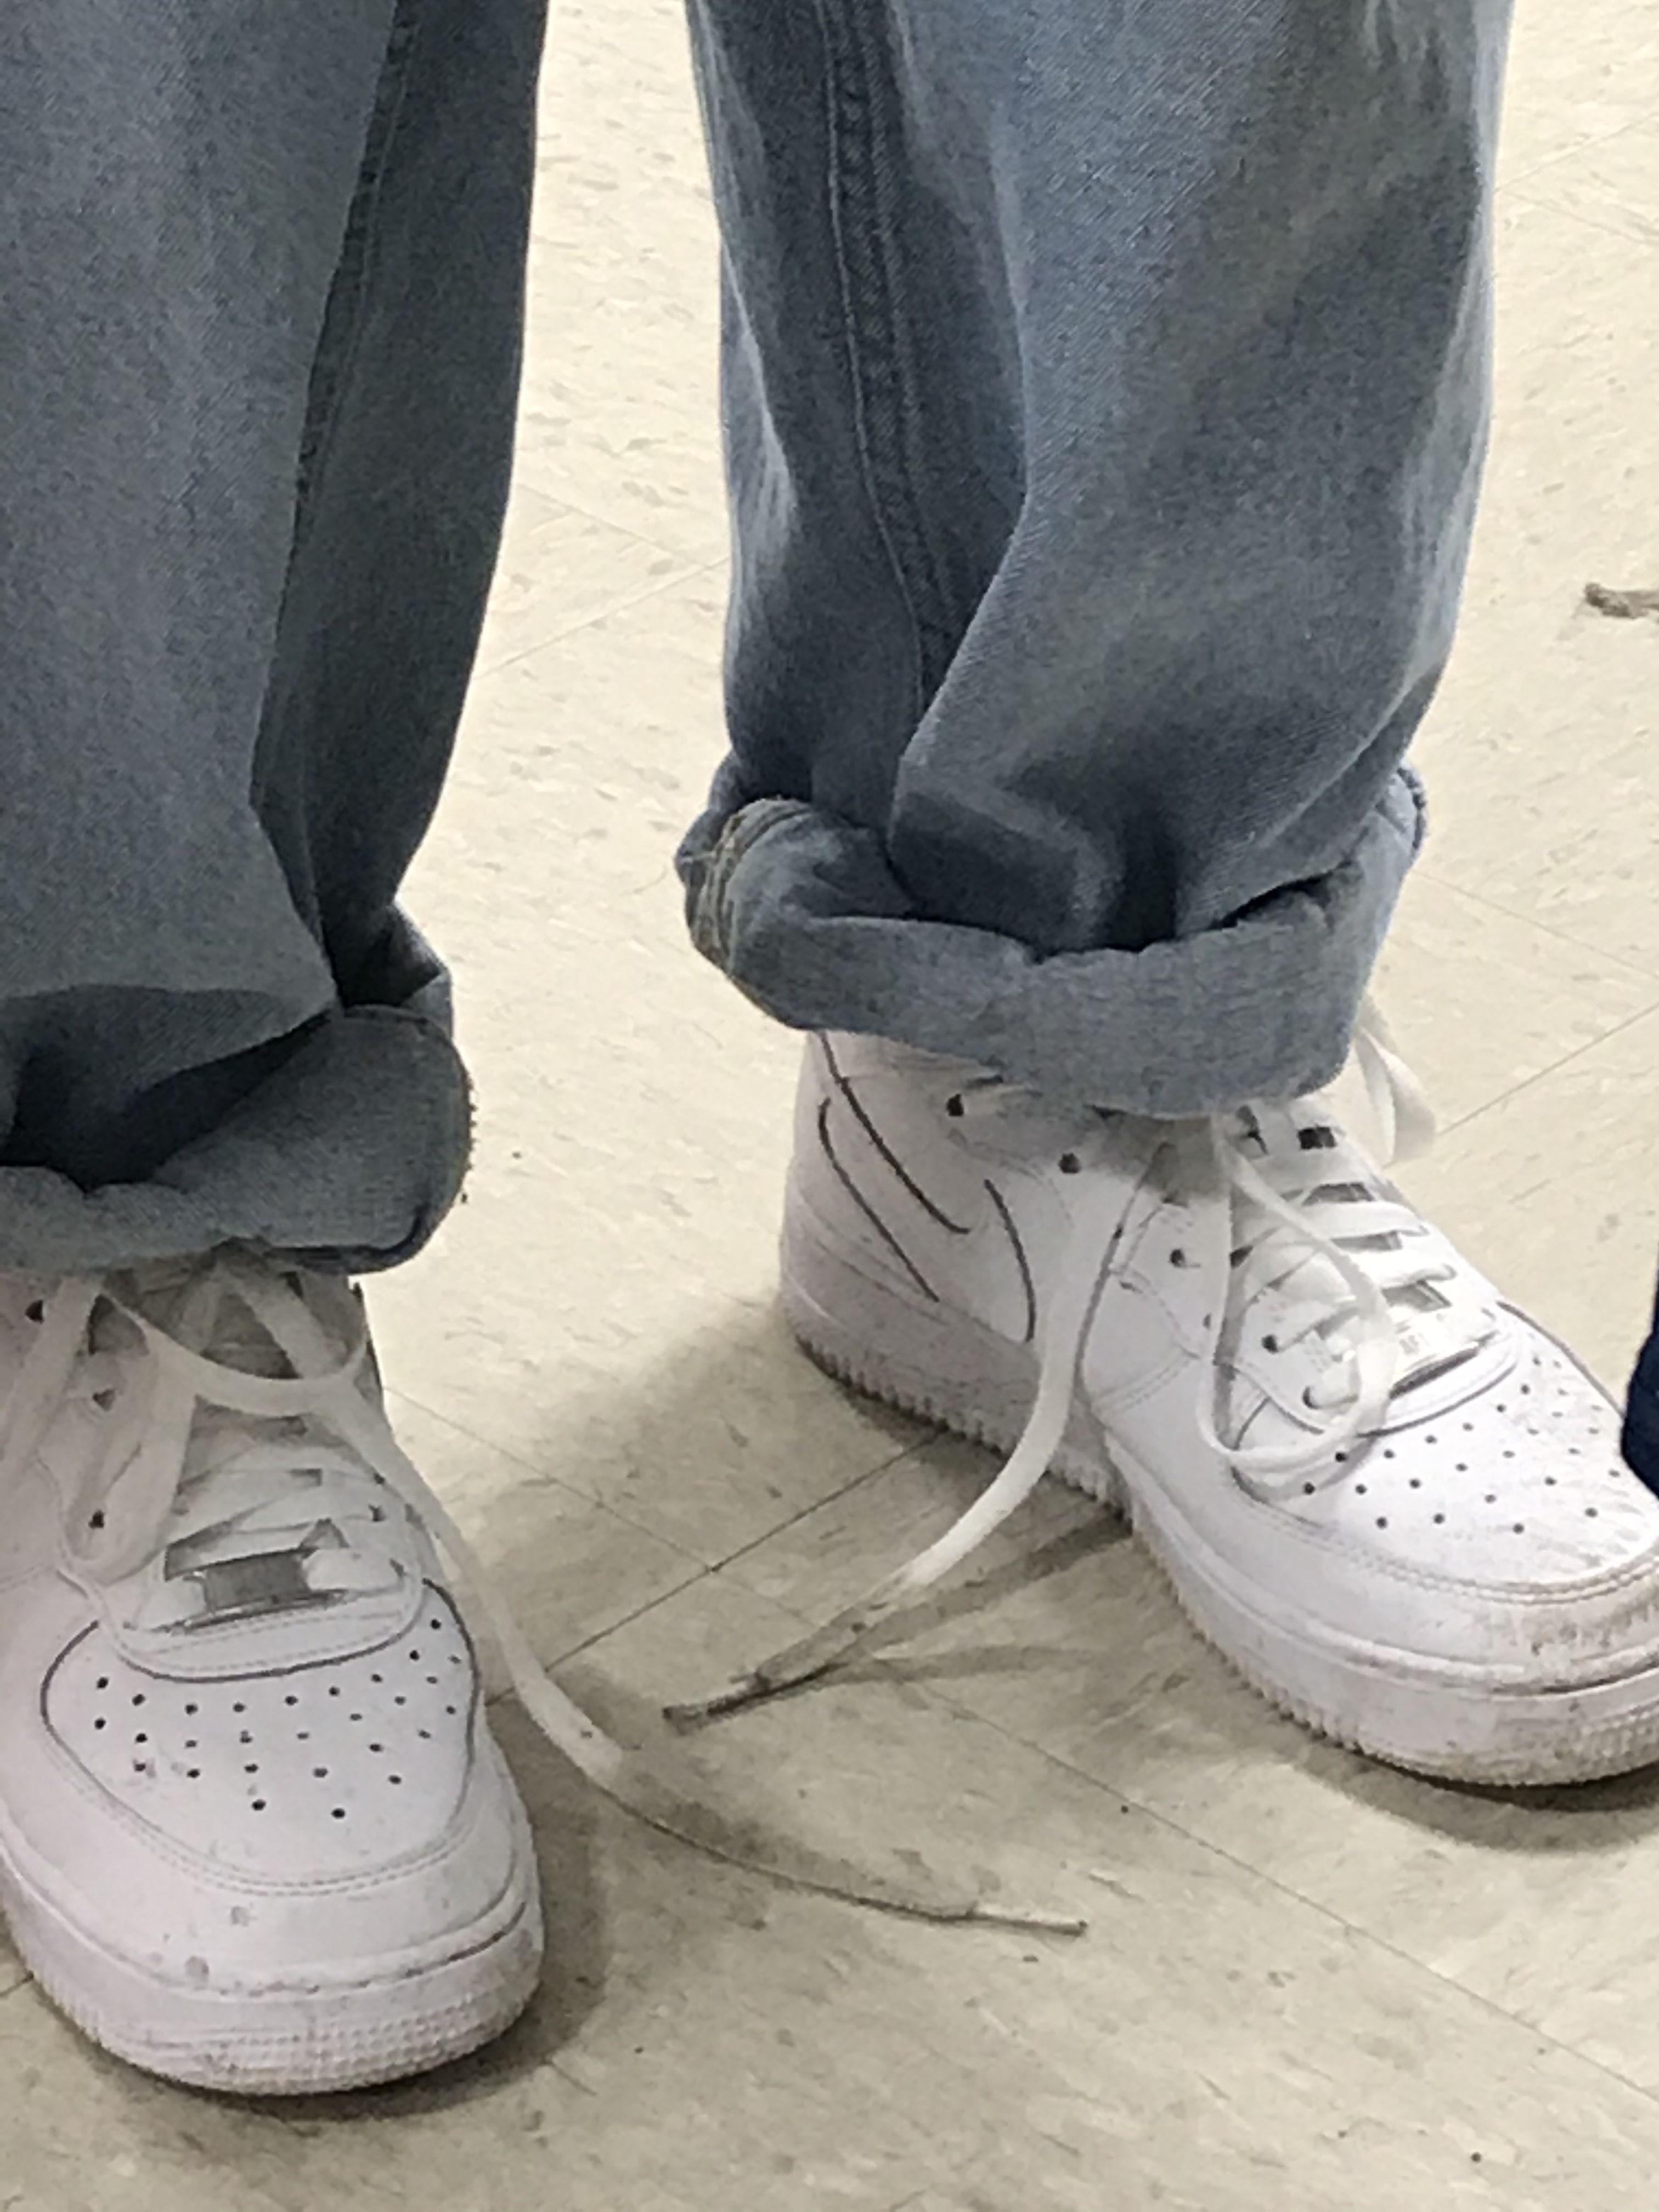 Pin by lilmarie on stuff i like in 2020   White sneaker